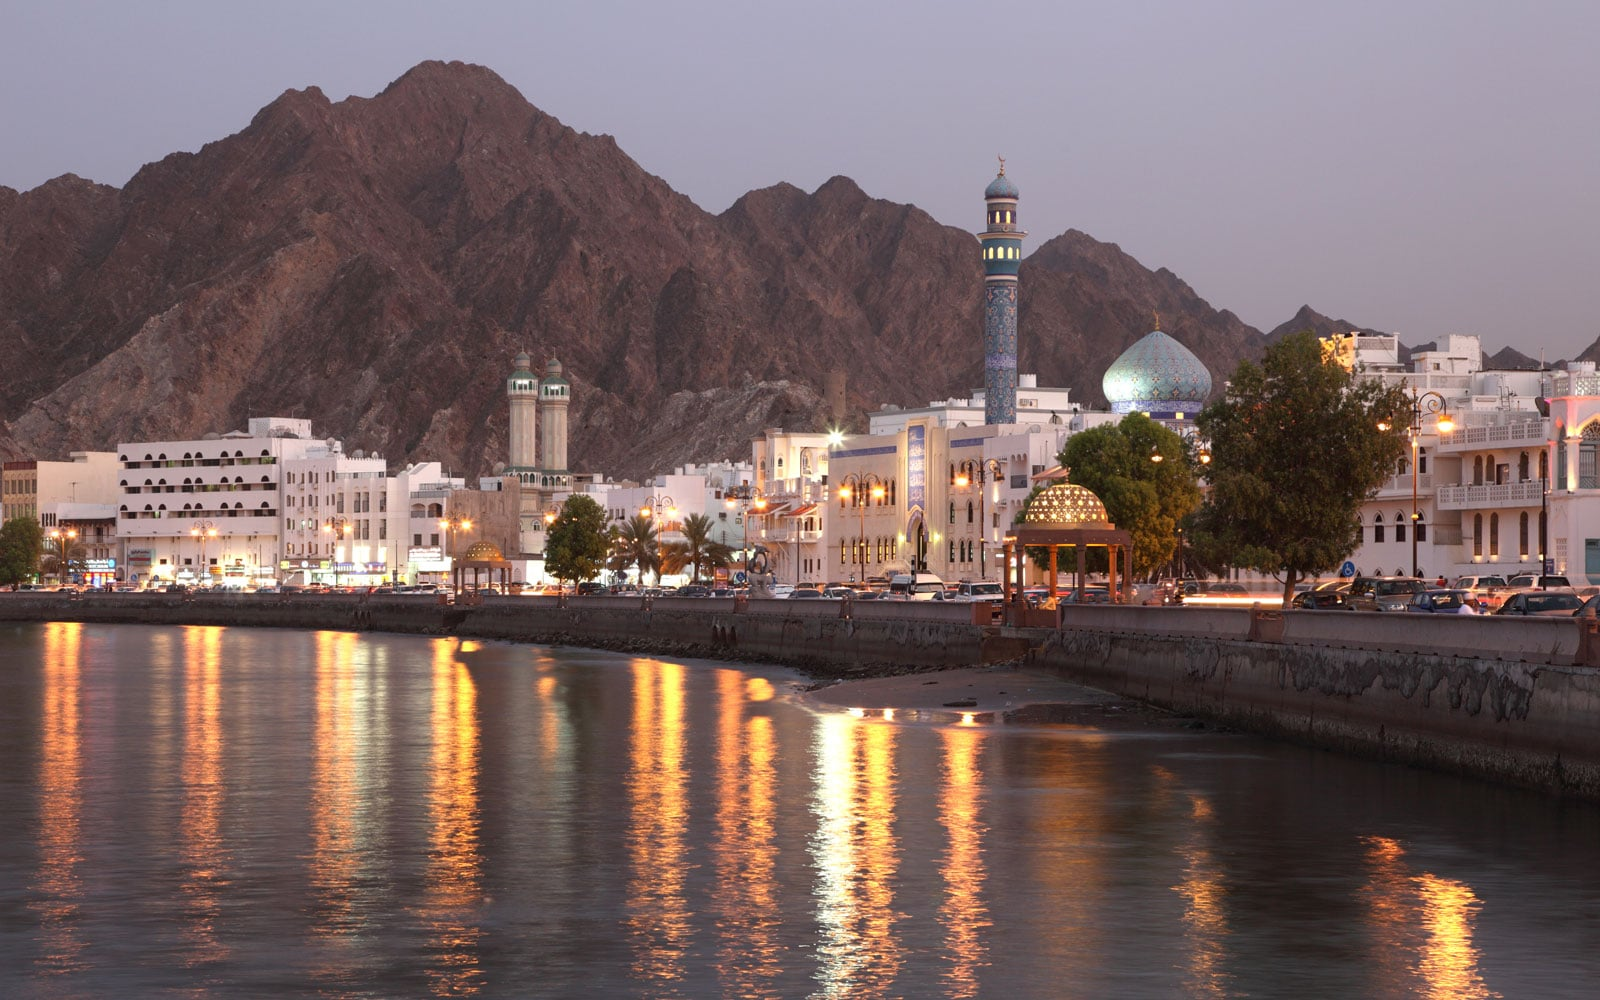 """حساب """"الشاهين"""" العُماني يكشف خبايا الزج باسم عُمان بشبكة """"تهريب النفط"""" وفرض عقوبات أمريكية على مواطن عماني"""